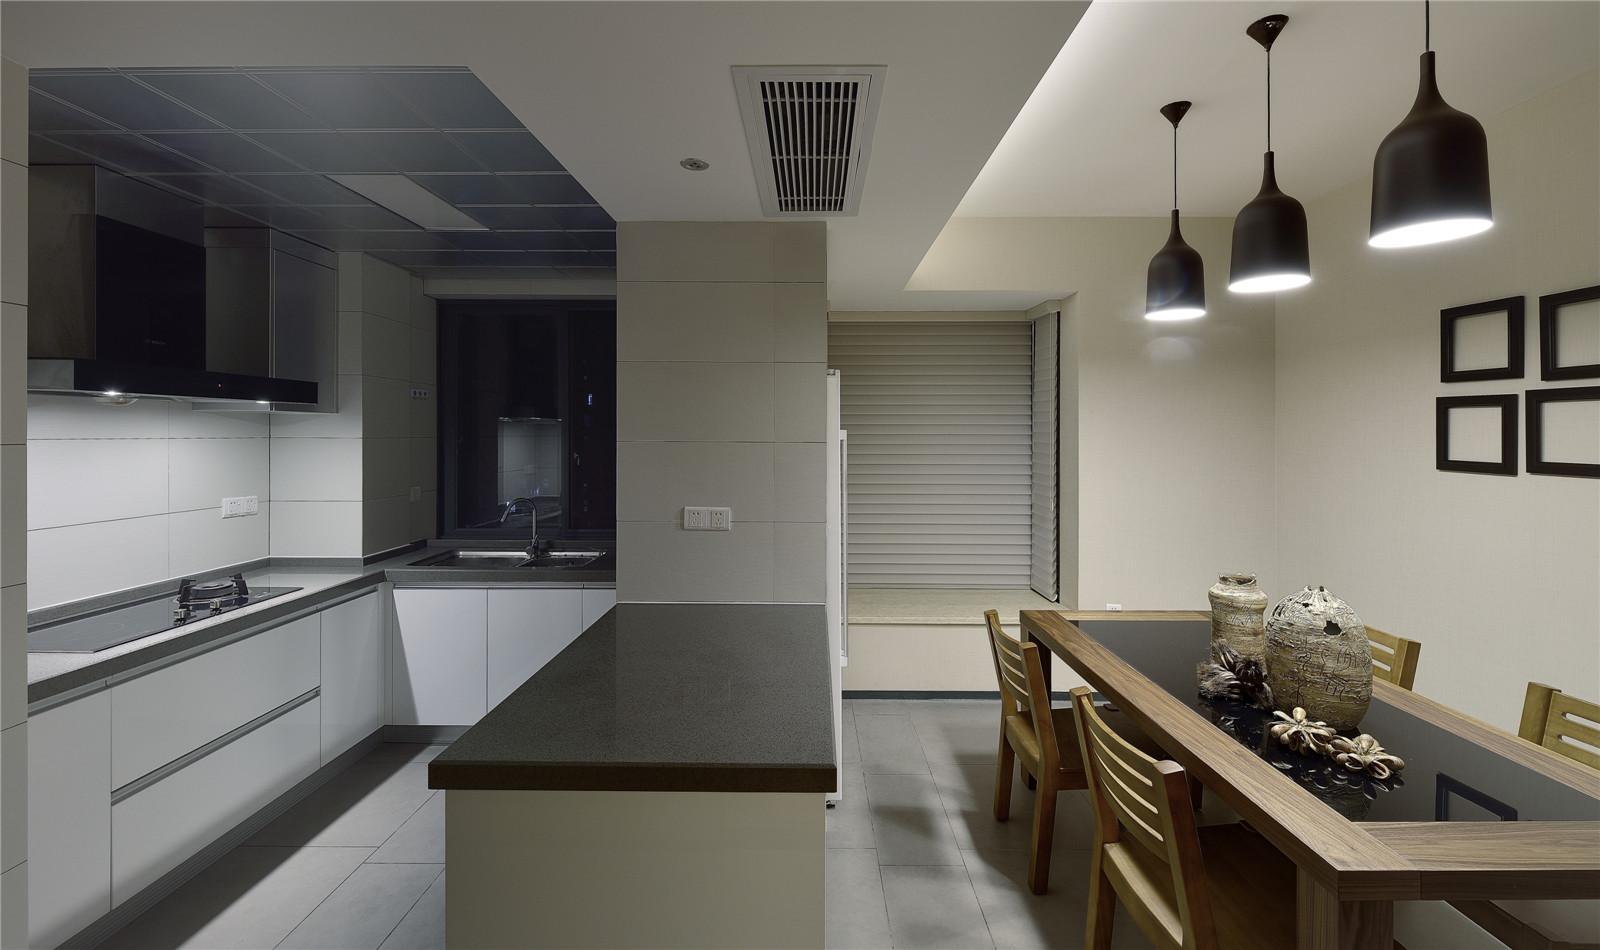 二居 旧房改造 新中式风格 北京装修 装修效果图 餐厅图片来自爱尚易格装饰在爱尚易格海淀区惠普南里的分享